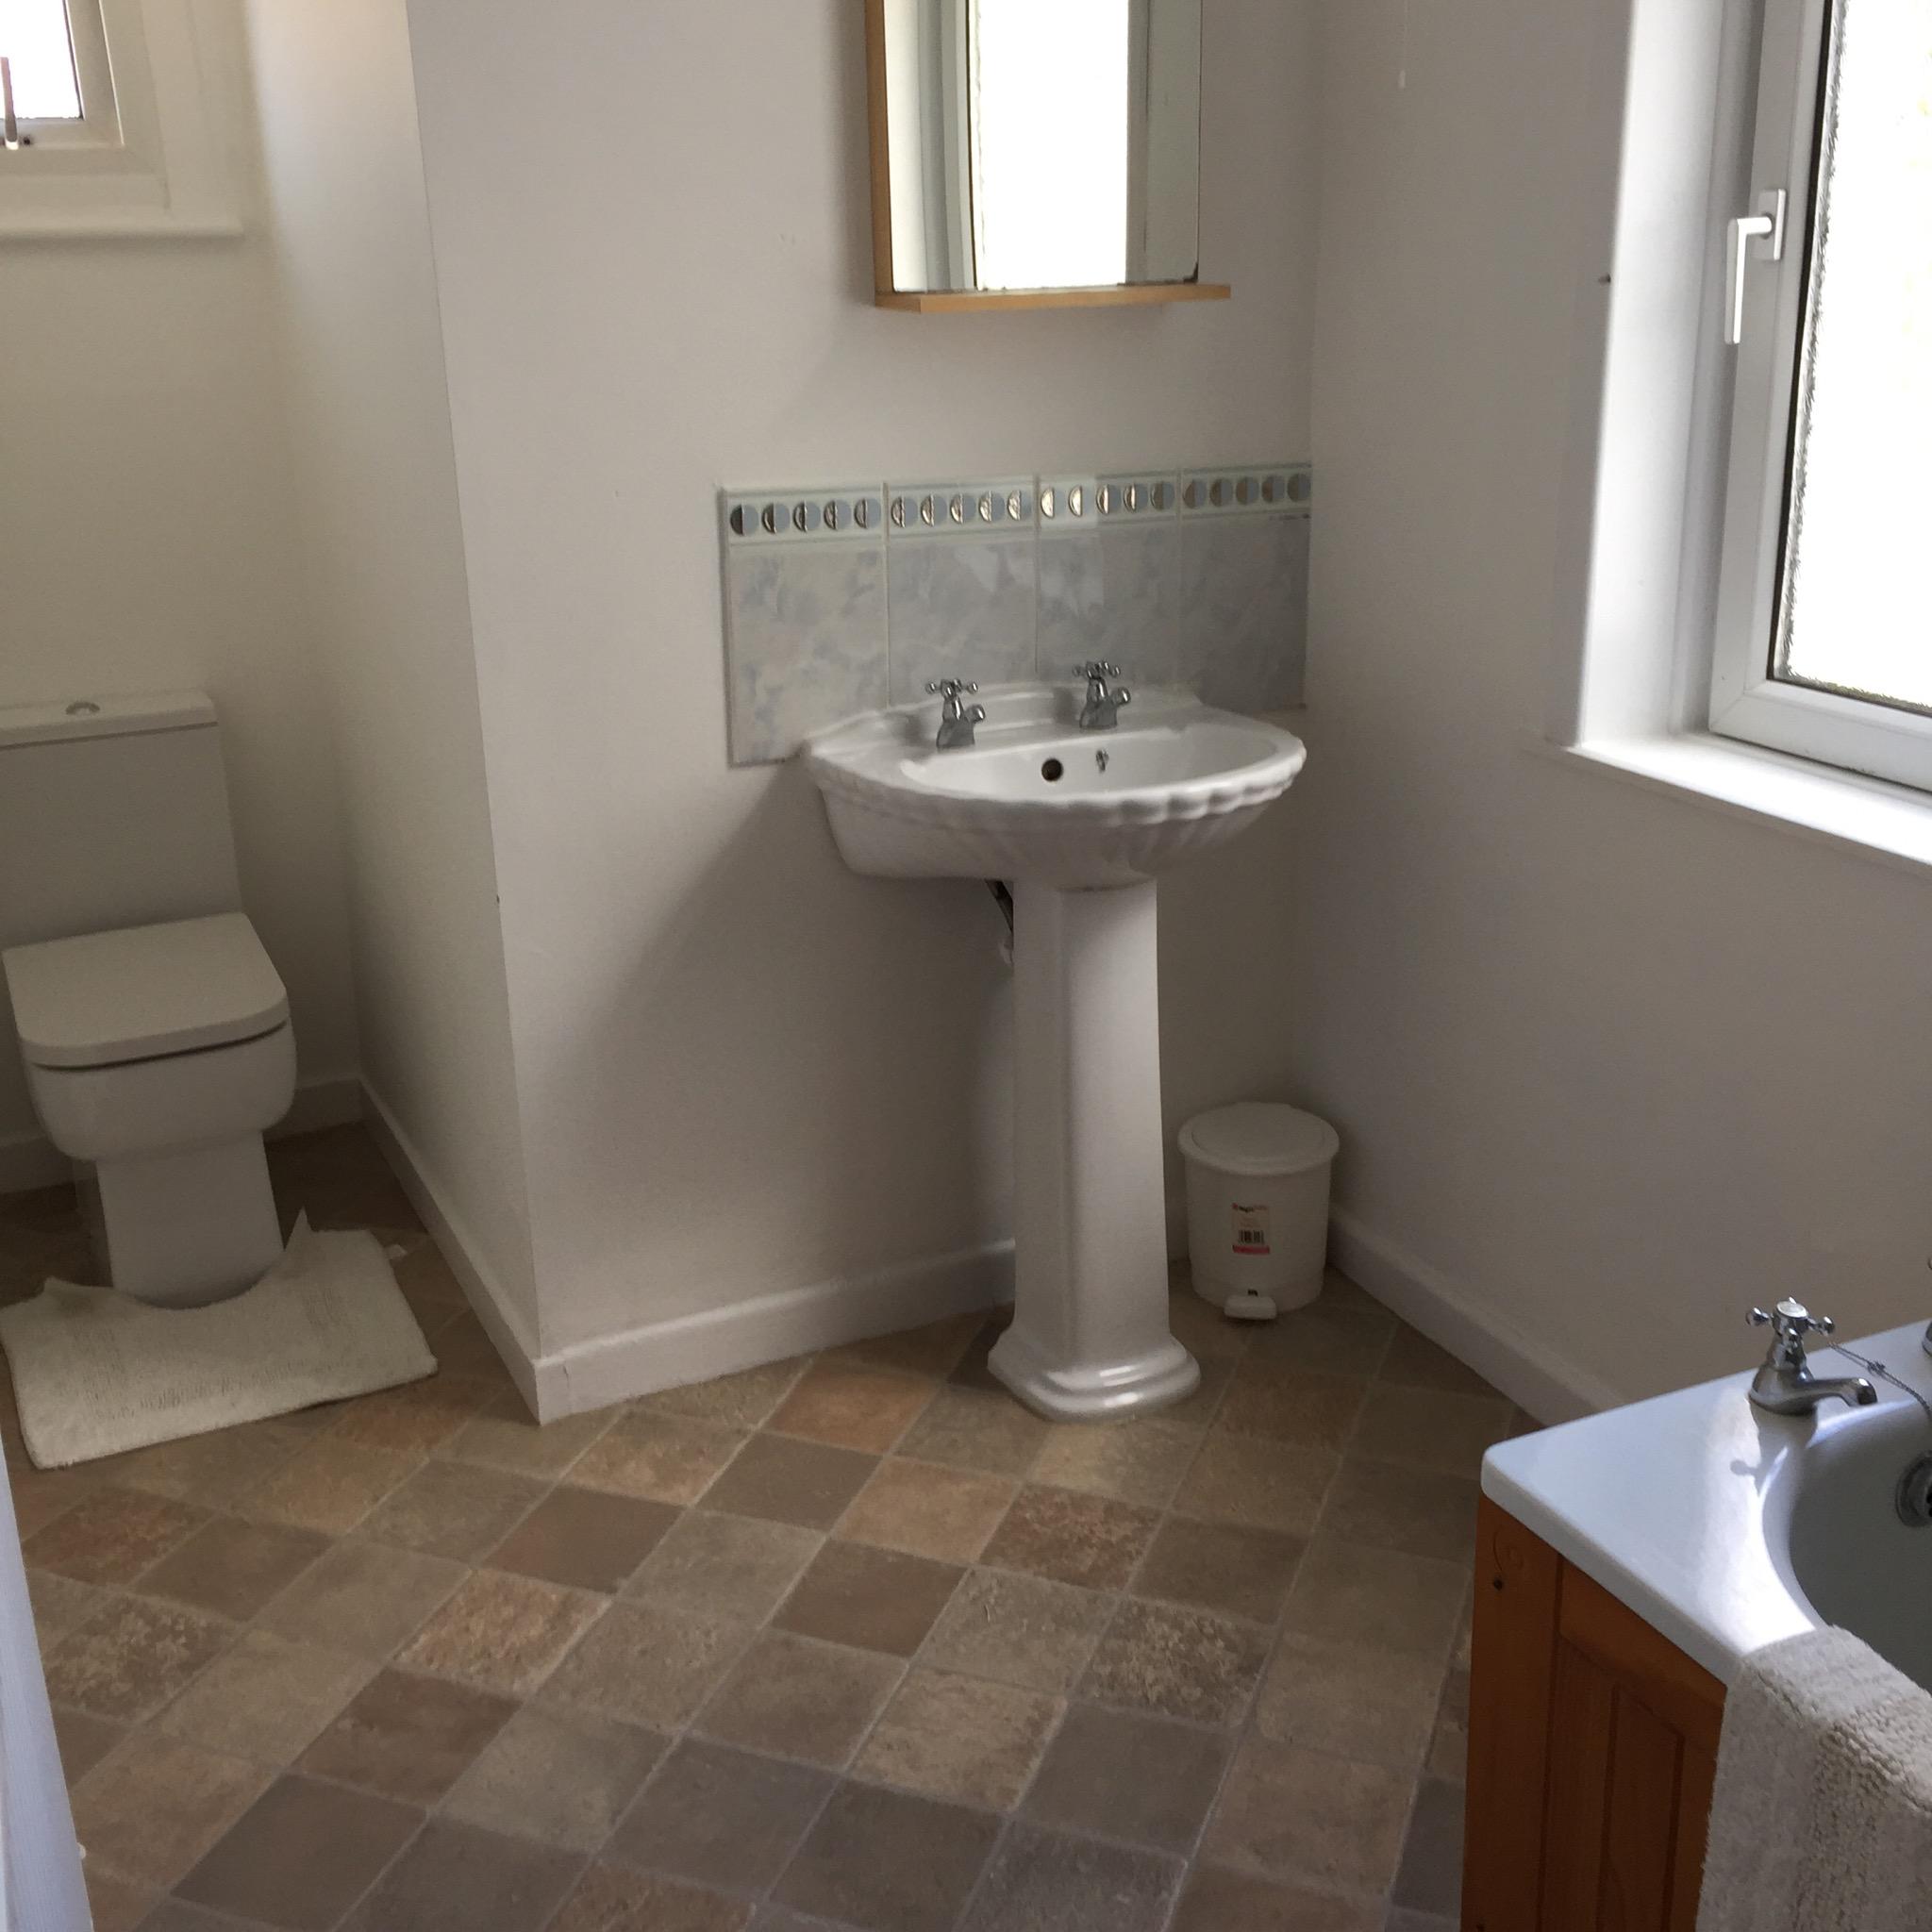 17 Havelock St U2013 Bathroom/shower Room/2 Toilets